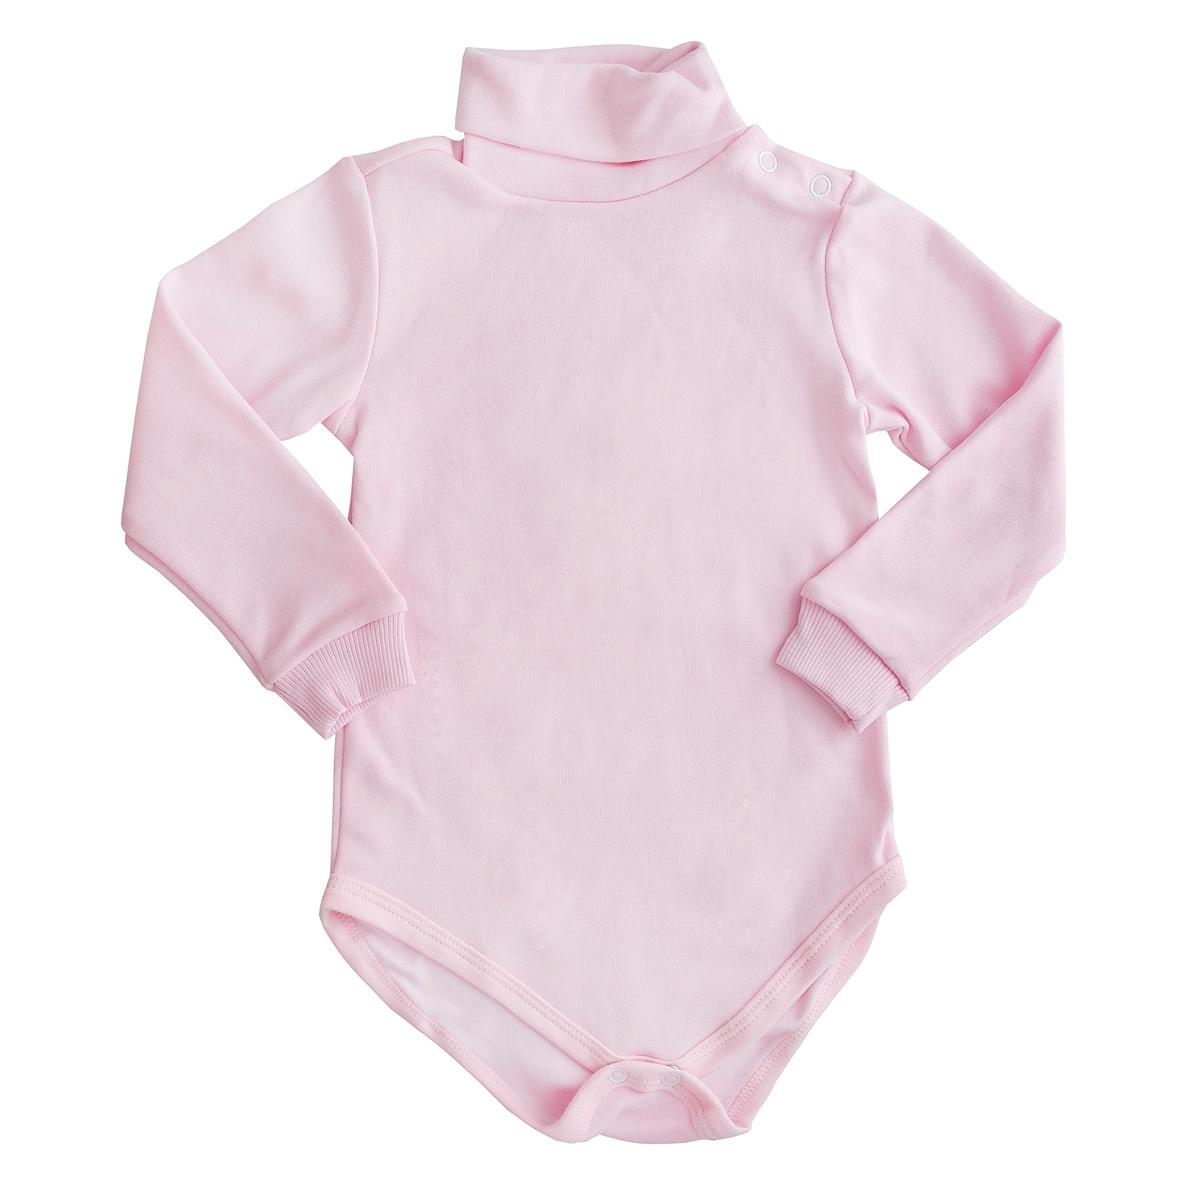 Боди детское Фреш стайл, цвет: розовый. 37-328. Размер 80, 12 месяцев37-328Яркое боди Фреш Стайл идеально подойдет вашему ребенку в теплое или прохладное время года. Изготовленное из эластичного хлопка, оно необычайно мягкое и приятное на ощупь, не сковывает движения ребенка и позволяет коже дышать, не раздражает даже самую нежную и чувствительную кожу, обеспечивая ему наибольший комфорт.Боди с длинными рукавами и воротником-стойкой застегивается на удобные застежки-кнопки на воротнике, по плечу и ластовице, которые помогают легко переодеть младенца или сменить подгузник. Края рукавов дополнены широкими эластичными манжетами, не сжимающими запястья ребенка.Оригинальный современный дизайн и модная расцветка делают это боди модным и стильным предметом детского гардероба. В нем ваш ребенок будет чувствовать себя уютно и комфортно и всегда будет в центре внимания!